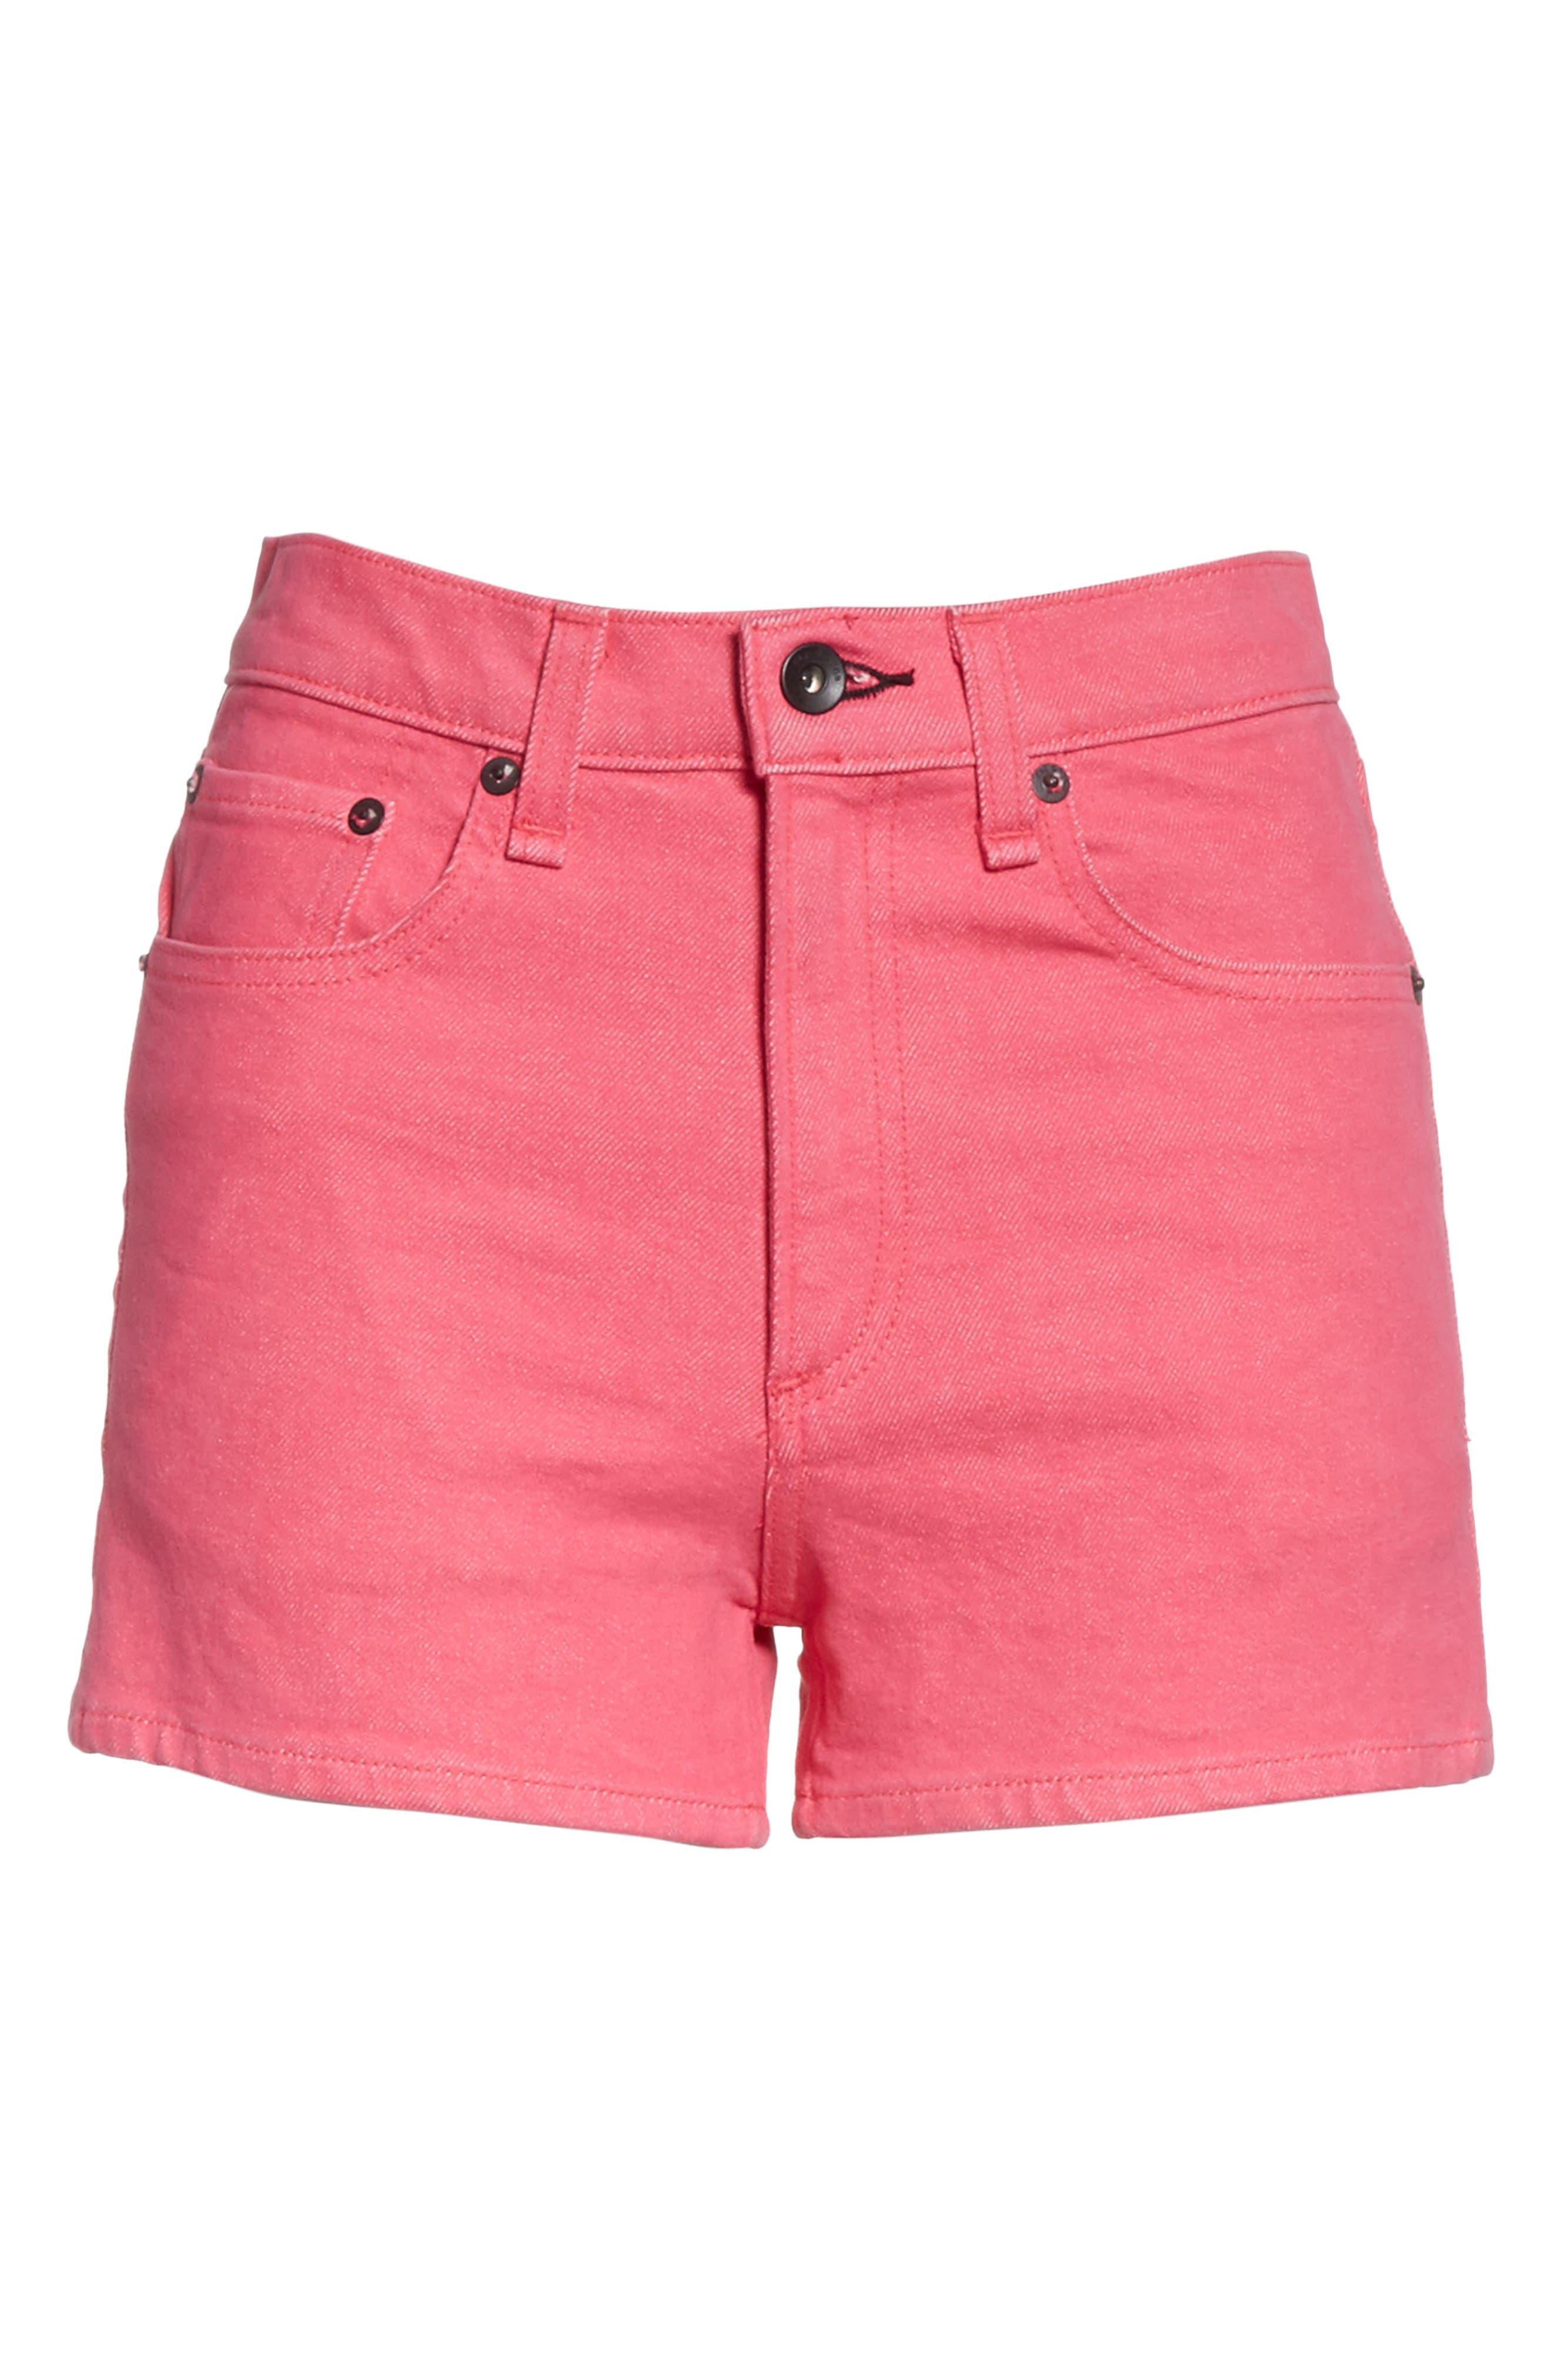 Justine High Waist Denim Shorts,                             Alternate thumbnail 7, color,                             672